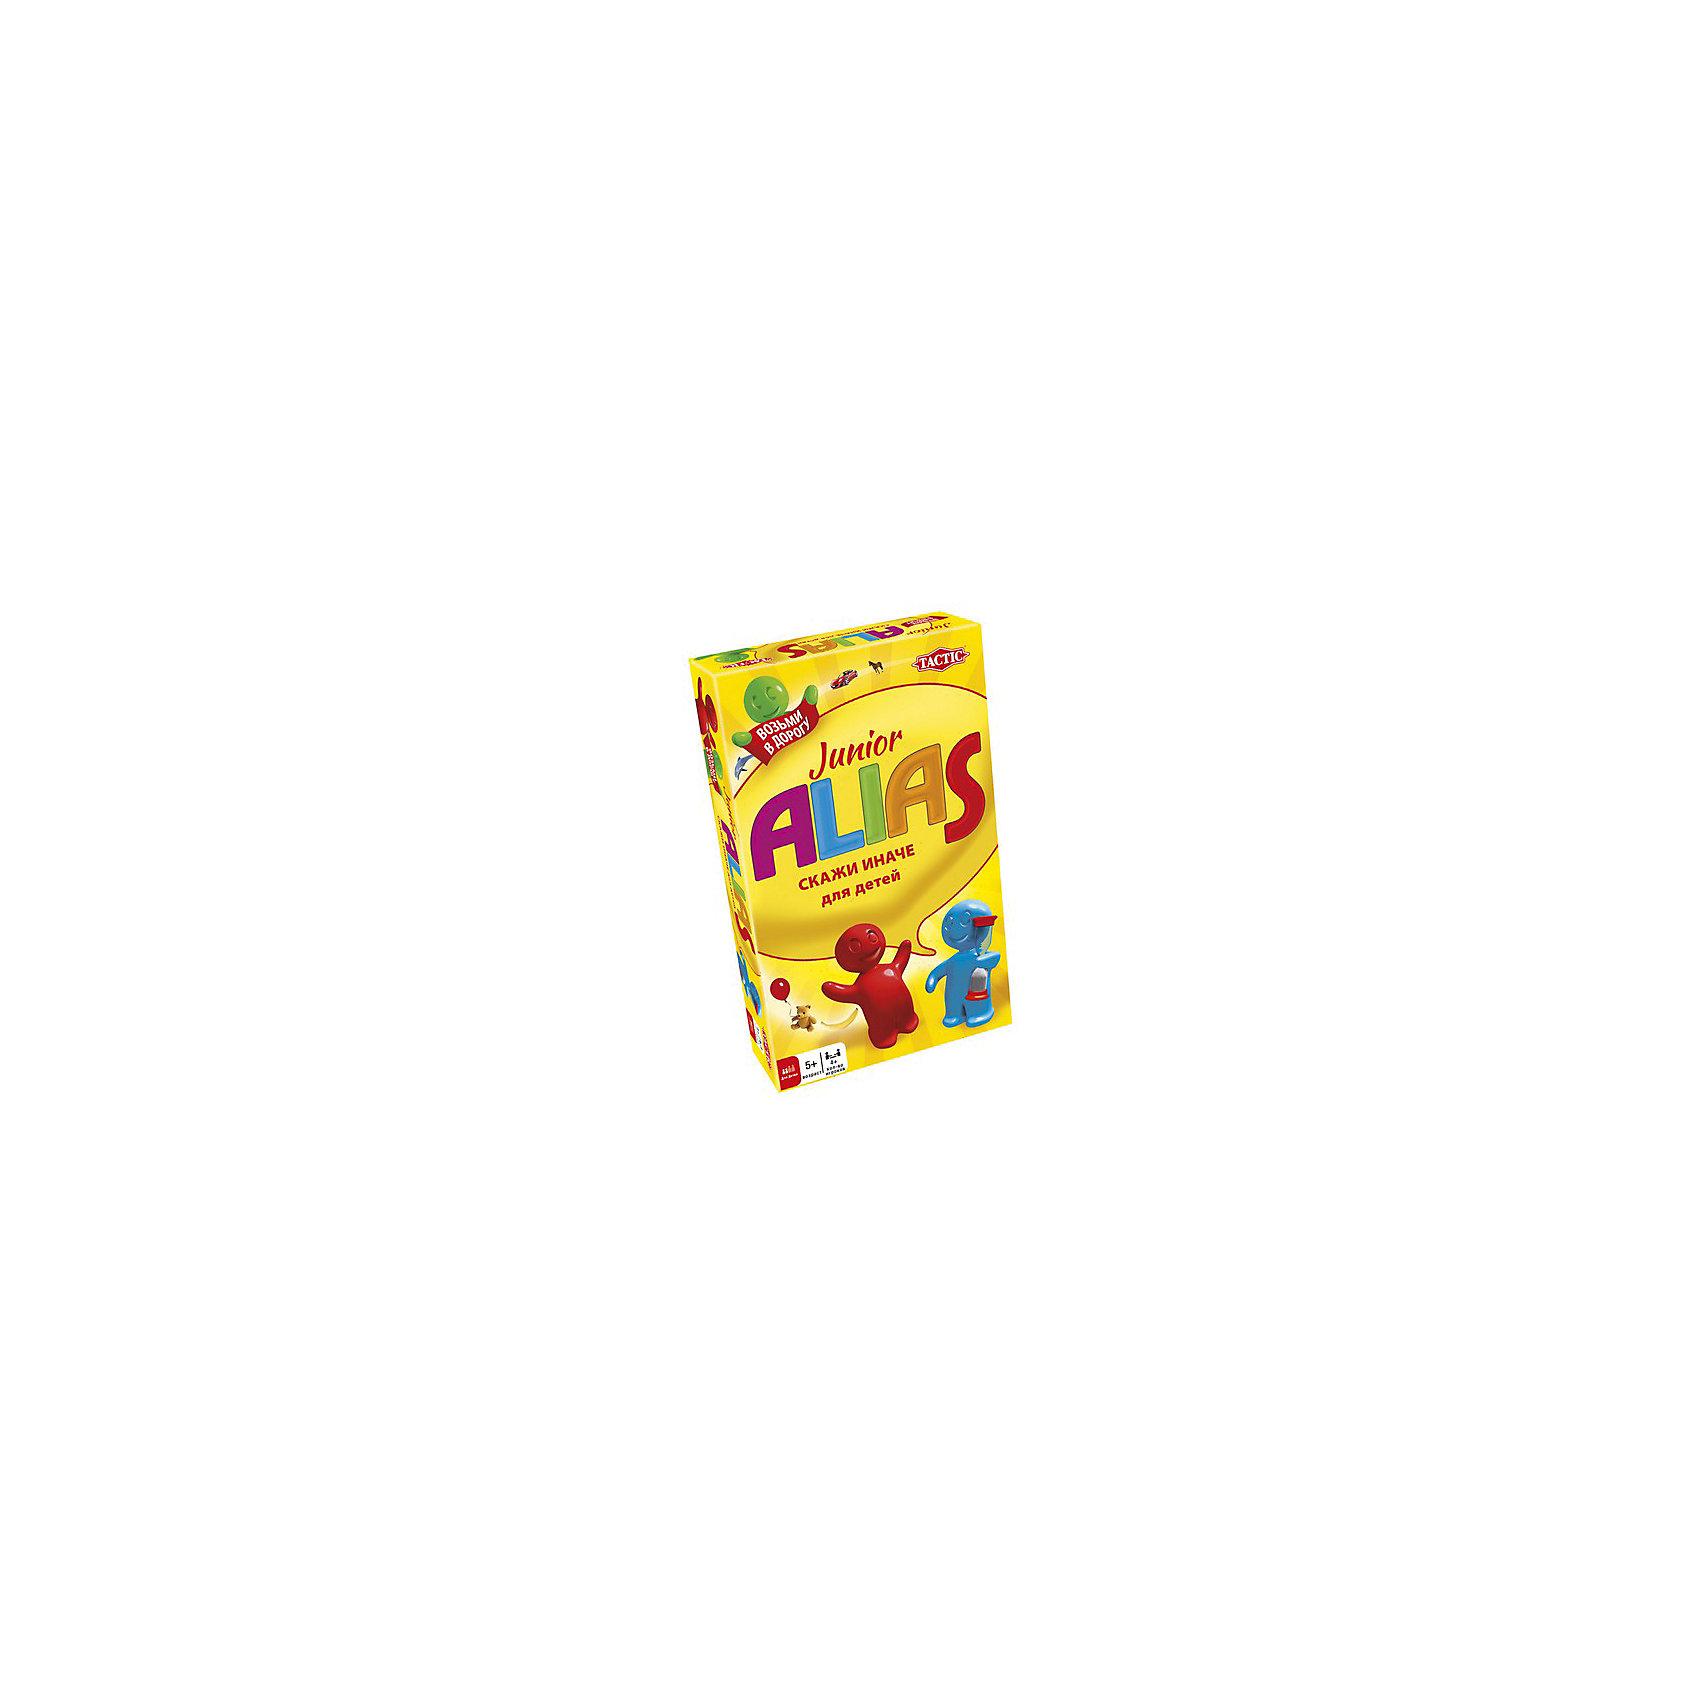 Игра Скажи иначе для малышей,  компактная версия 2, Tactic GamesДля больших компаний<br>Игра Скажи иначе (Alias) для малышей,  компактная версия 2, Tactic Games (Тактик Геймс) – это увлекательная игра мини-формата для малышей.<br>Это обновленная компактная версия любимой игры Alias (Скажи иначе), развивающей скорость реакции, внимательность и значительно улучшающая словарный запас малышей. Игра «Скажи иначе» для малышей стала еще разноцветнее, а на карточках появились новые увлекательные задания и слова для разгадывания! Компактная версия игры позволит брать ее куда угодно: в любое путешествие, поездку на природу или в гости. Играть можно и при дефиците свободного места, ведь в компактном варианте отсутствует игровое поле и фишки. Теперь не придется искать стол или другую ровную поверхность для игры. Особенность данной версии заключается в том, что слова на карточках не только написаны, но и изображены, это позволяет играть в нее даже детям, которые еще не умеют читать. Сложность заданий подобрана таким образом, чтобы самый маленький участник смог как объяснить, так и угадать слово, изображенное на карточке. Дети с удовольствием поиграют в Alias (Скажи иначе), игра надолго увлечет юных эрудитов. Малышам нравится выигрывать, поэтому они с огромным рвением будут выполнять задания и зарабатывать очки для своей команды. Например, предстоит объяснить слово, используя антонимы и синонимы или звукоподражание. Кажется все так-то просто, но песок в песочных часах неумолимо просыпается вниз! Играйте вместе с малышами и веселитесь от души! Все детали игры безопасны и сделаны из материалов высокого качества.<br><br>Дополнительная информация:<br><br>- В комплекте: игровой блокнот, 50 двухсторонних карточек, карандаш, песочные часы для отсчета времени хода, подробные правила на русском языке<br>- Количество игроков: от 4 человек<br>- Возраст: от 5 лет и старше<br>- Время игры: более 30 мин.<br>- Материал: картон, пластик<br>- Размер коробки: 11 х 18 х 3,6 см.<br>- Вес: 183 гр.<br